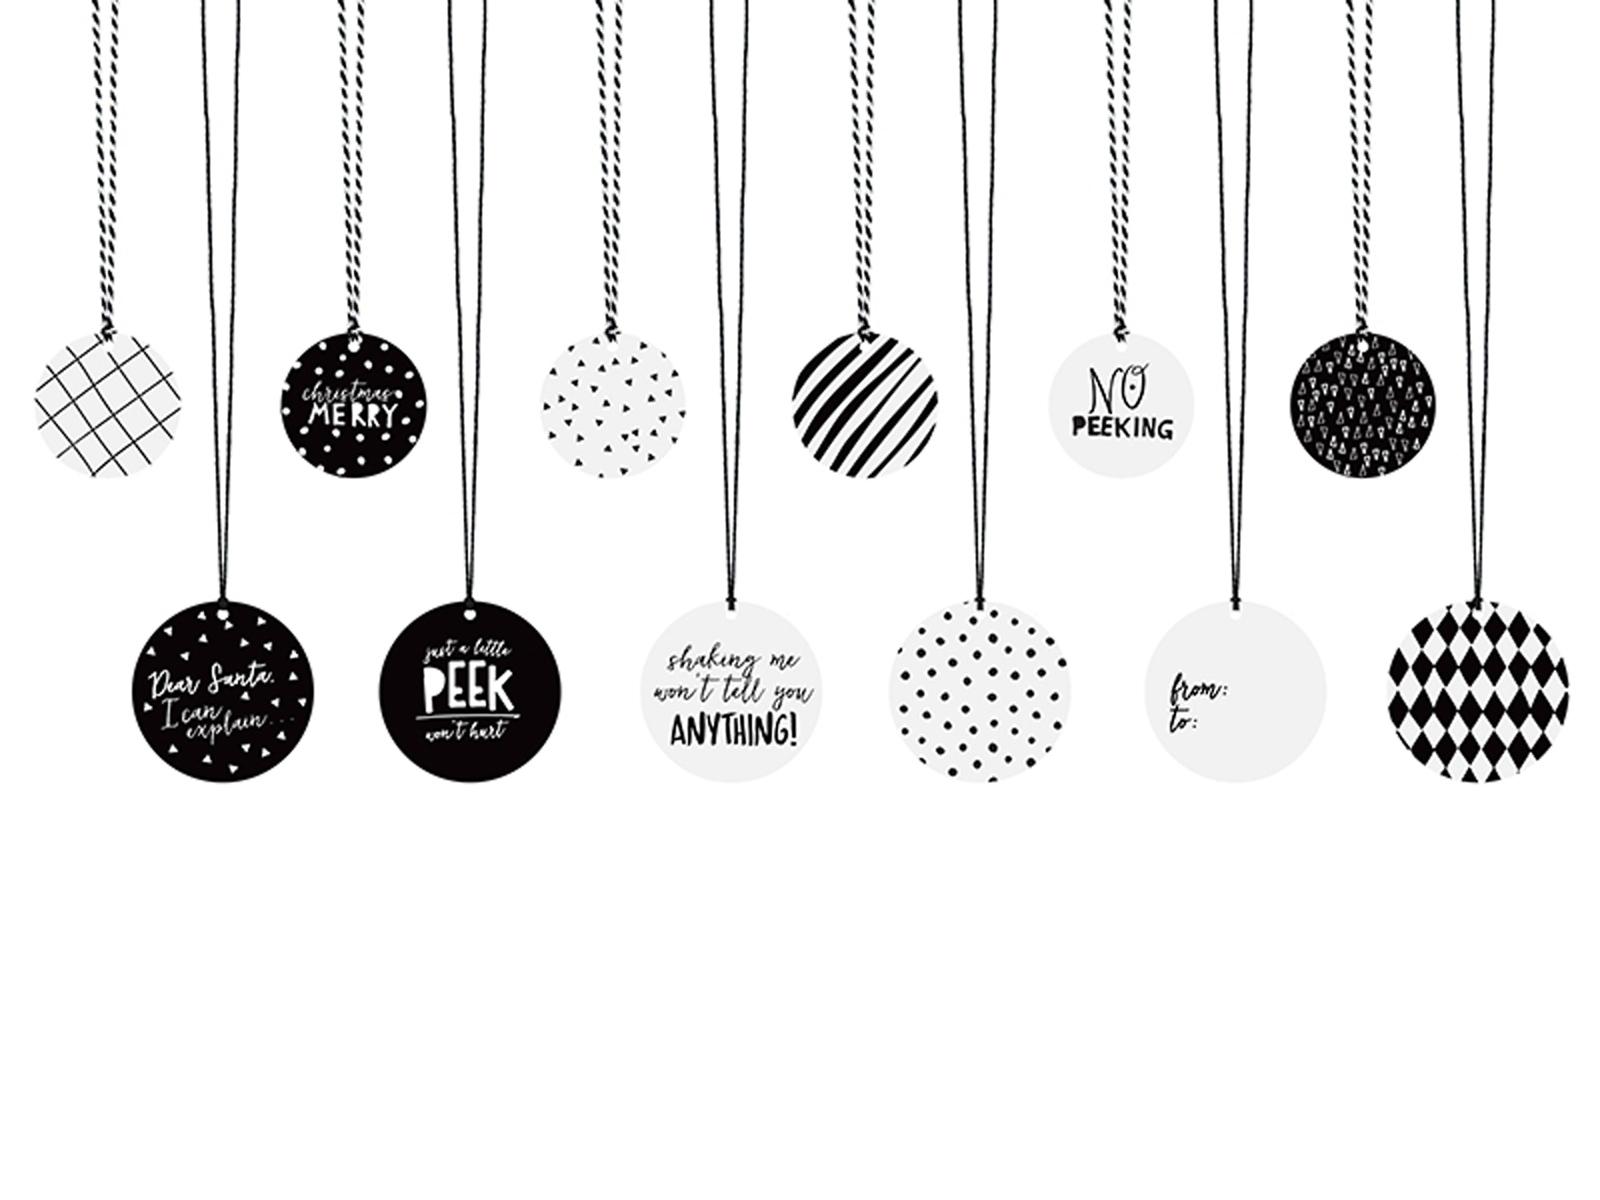 geschenkeanh nger weihnachten schwarz weiss mit kordeln 12. Black Bedroom Furniture Sets. Home Design Ideas